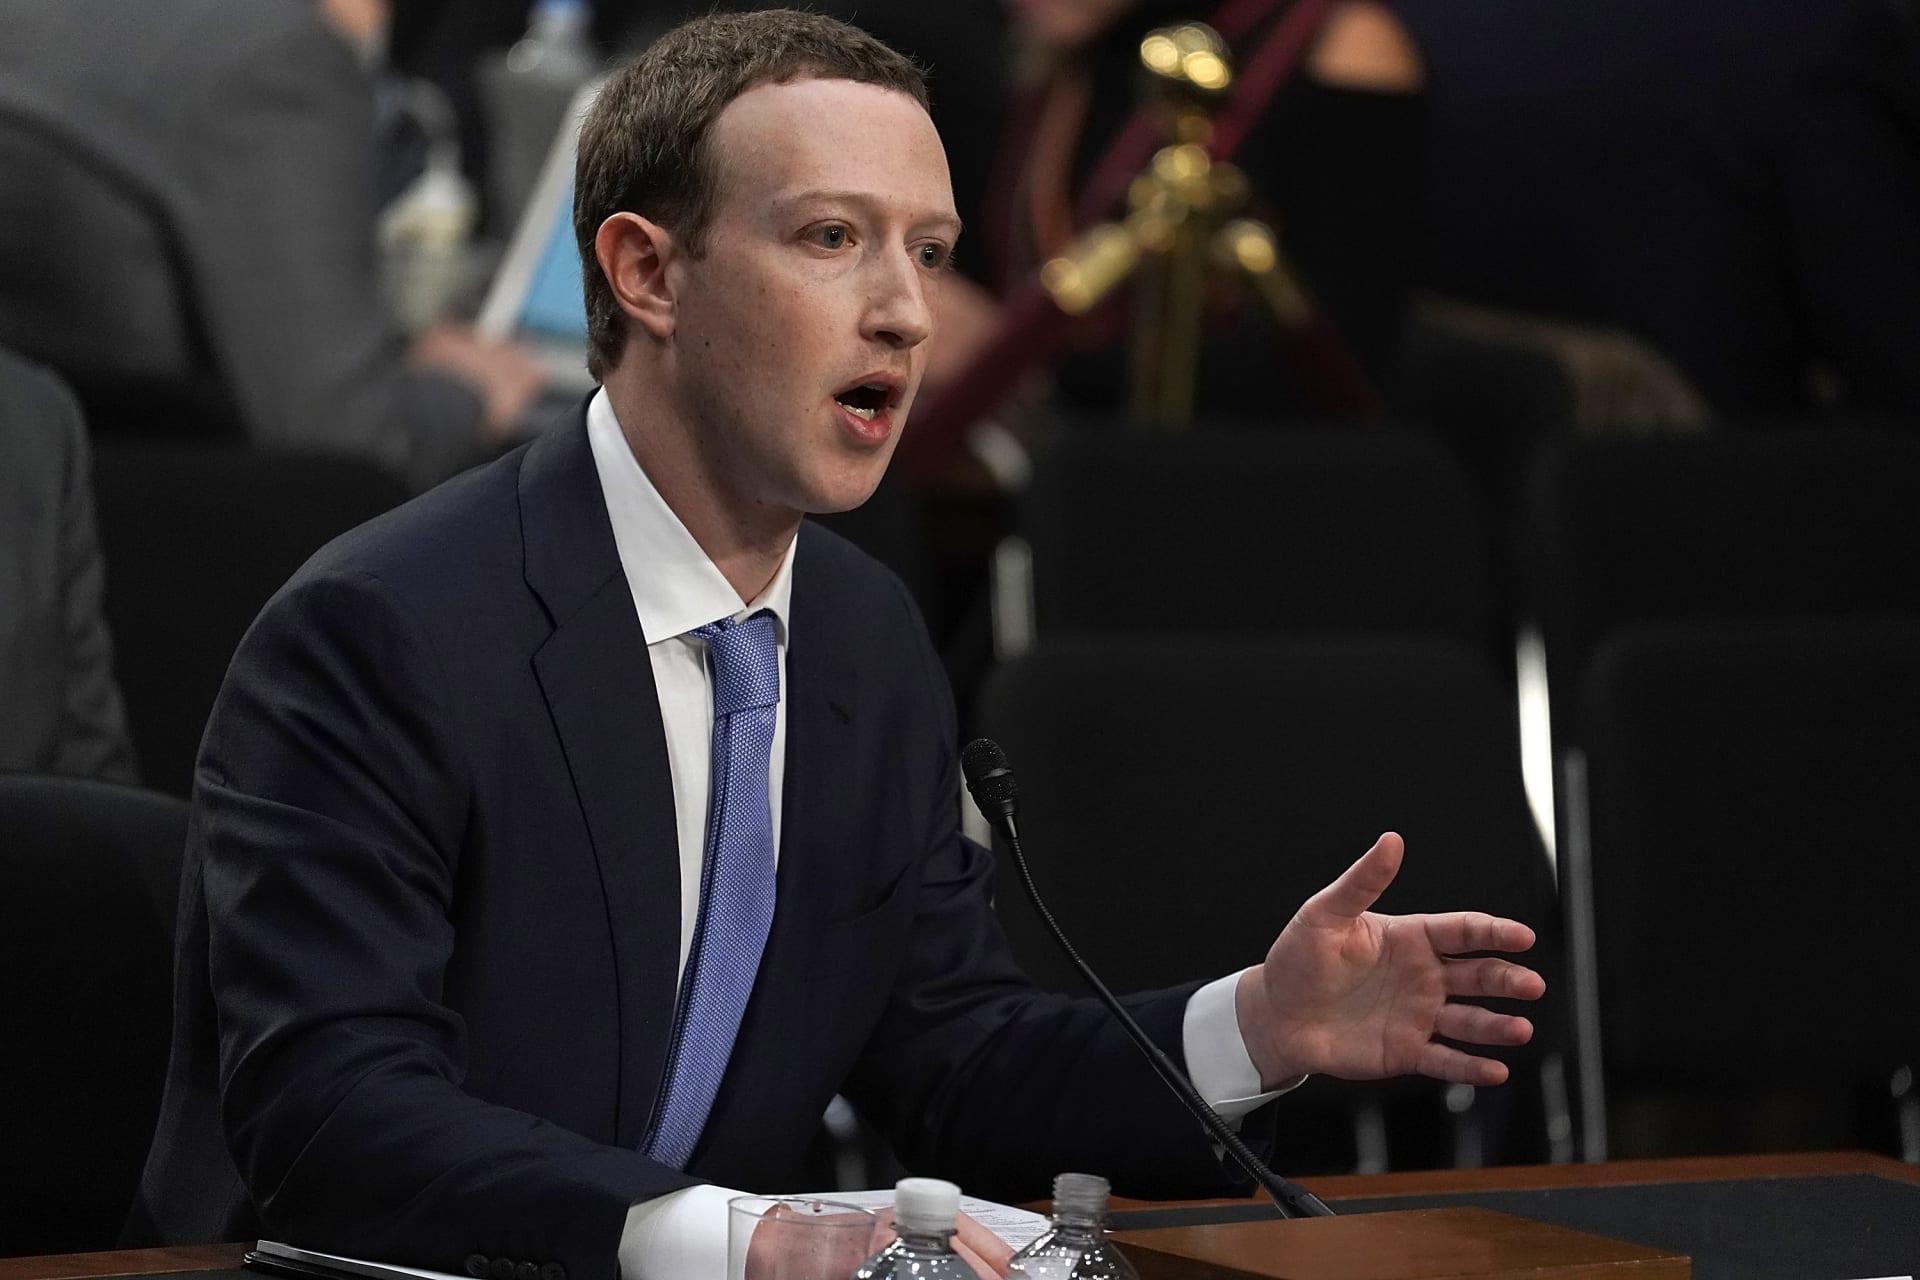 """زوكربيرغ يعلن حجب صفحات ترامب في فيسبوك وانستغرام إلى """"أجل غير مسمى"""""""